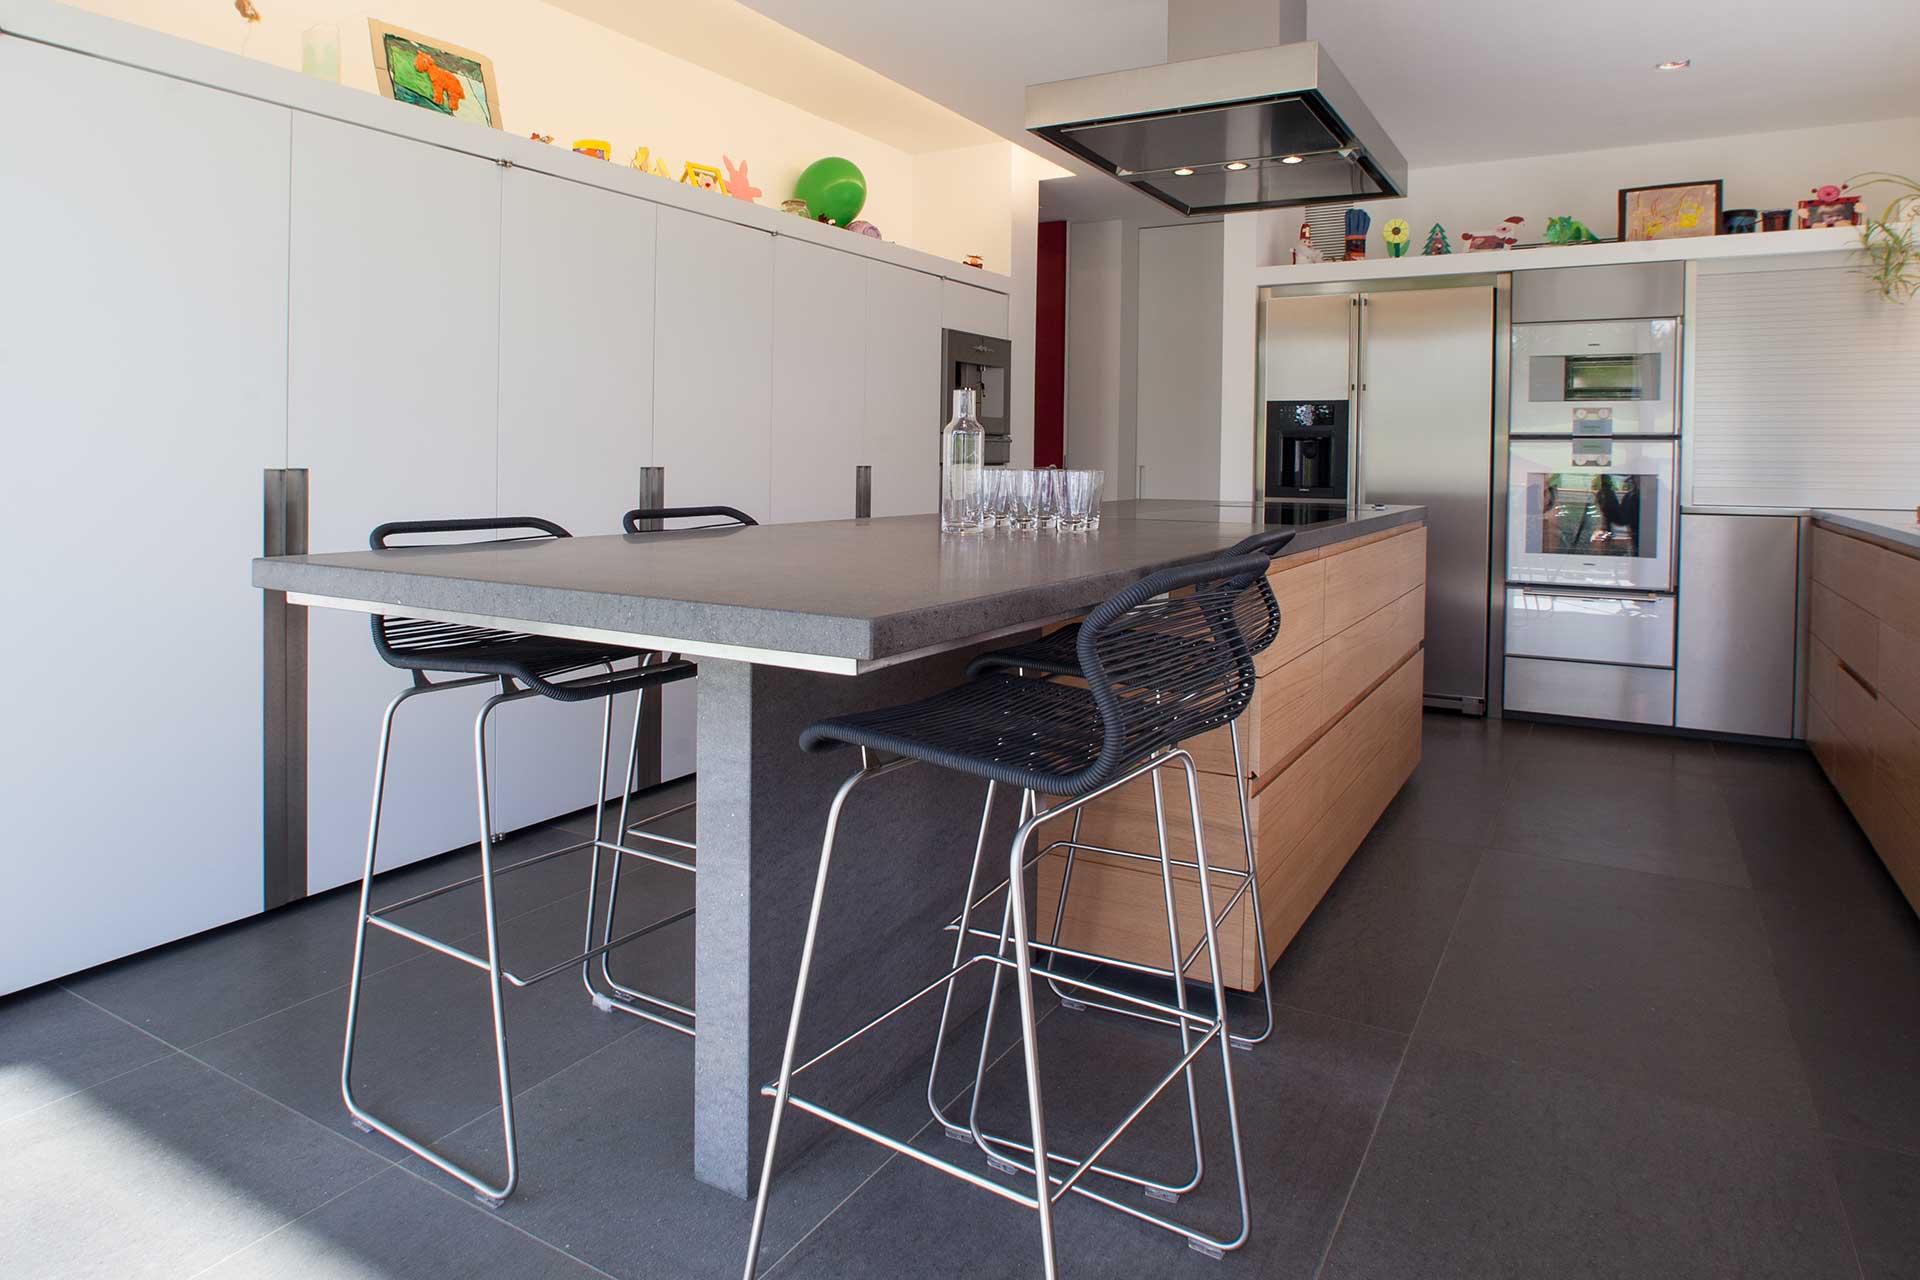 marmor radermacher exklusive b der k chenarbeitsplatten treppen boden und wandbel ge auf. Black Bedroom Furniture Sets. Home Design Ideas